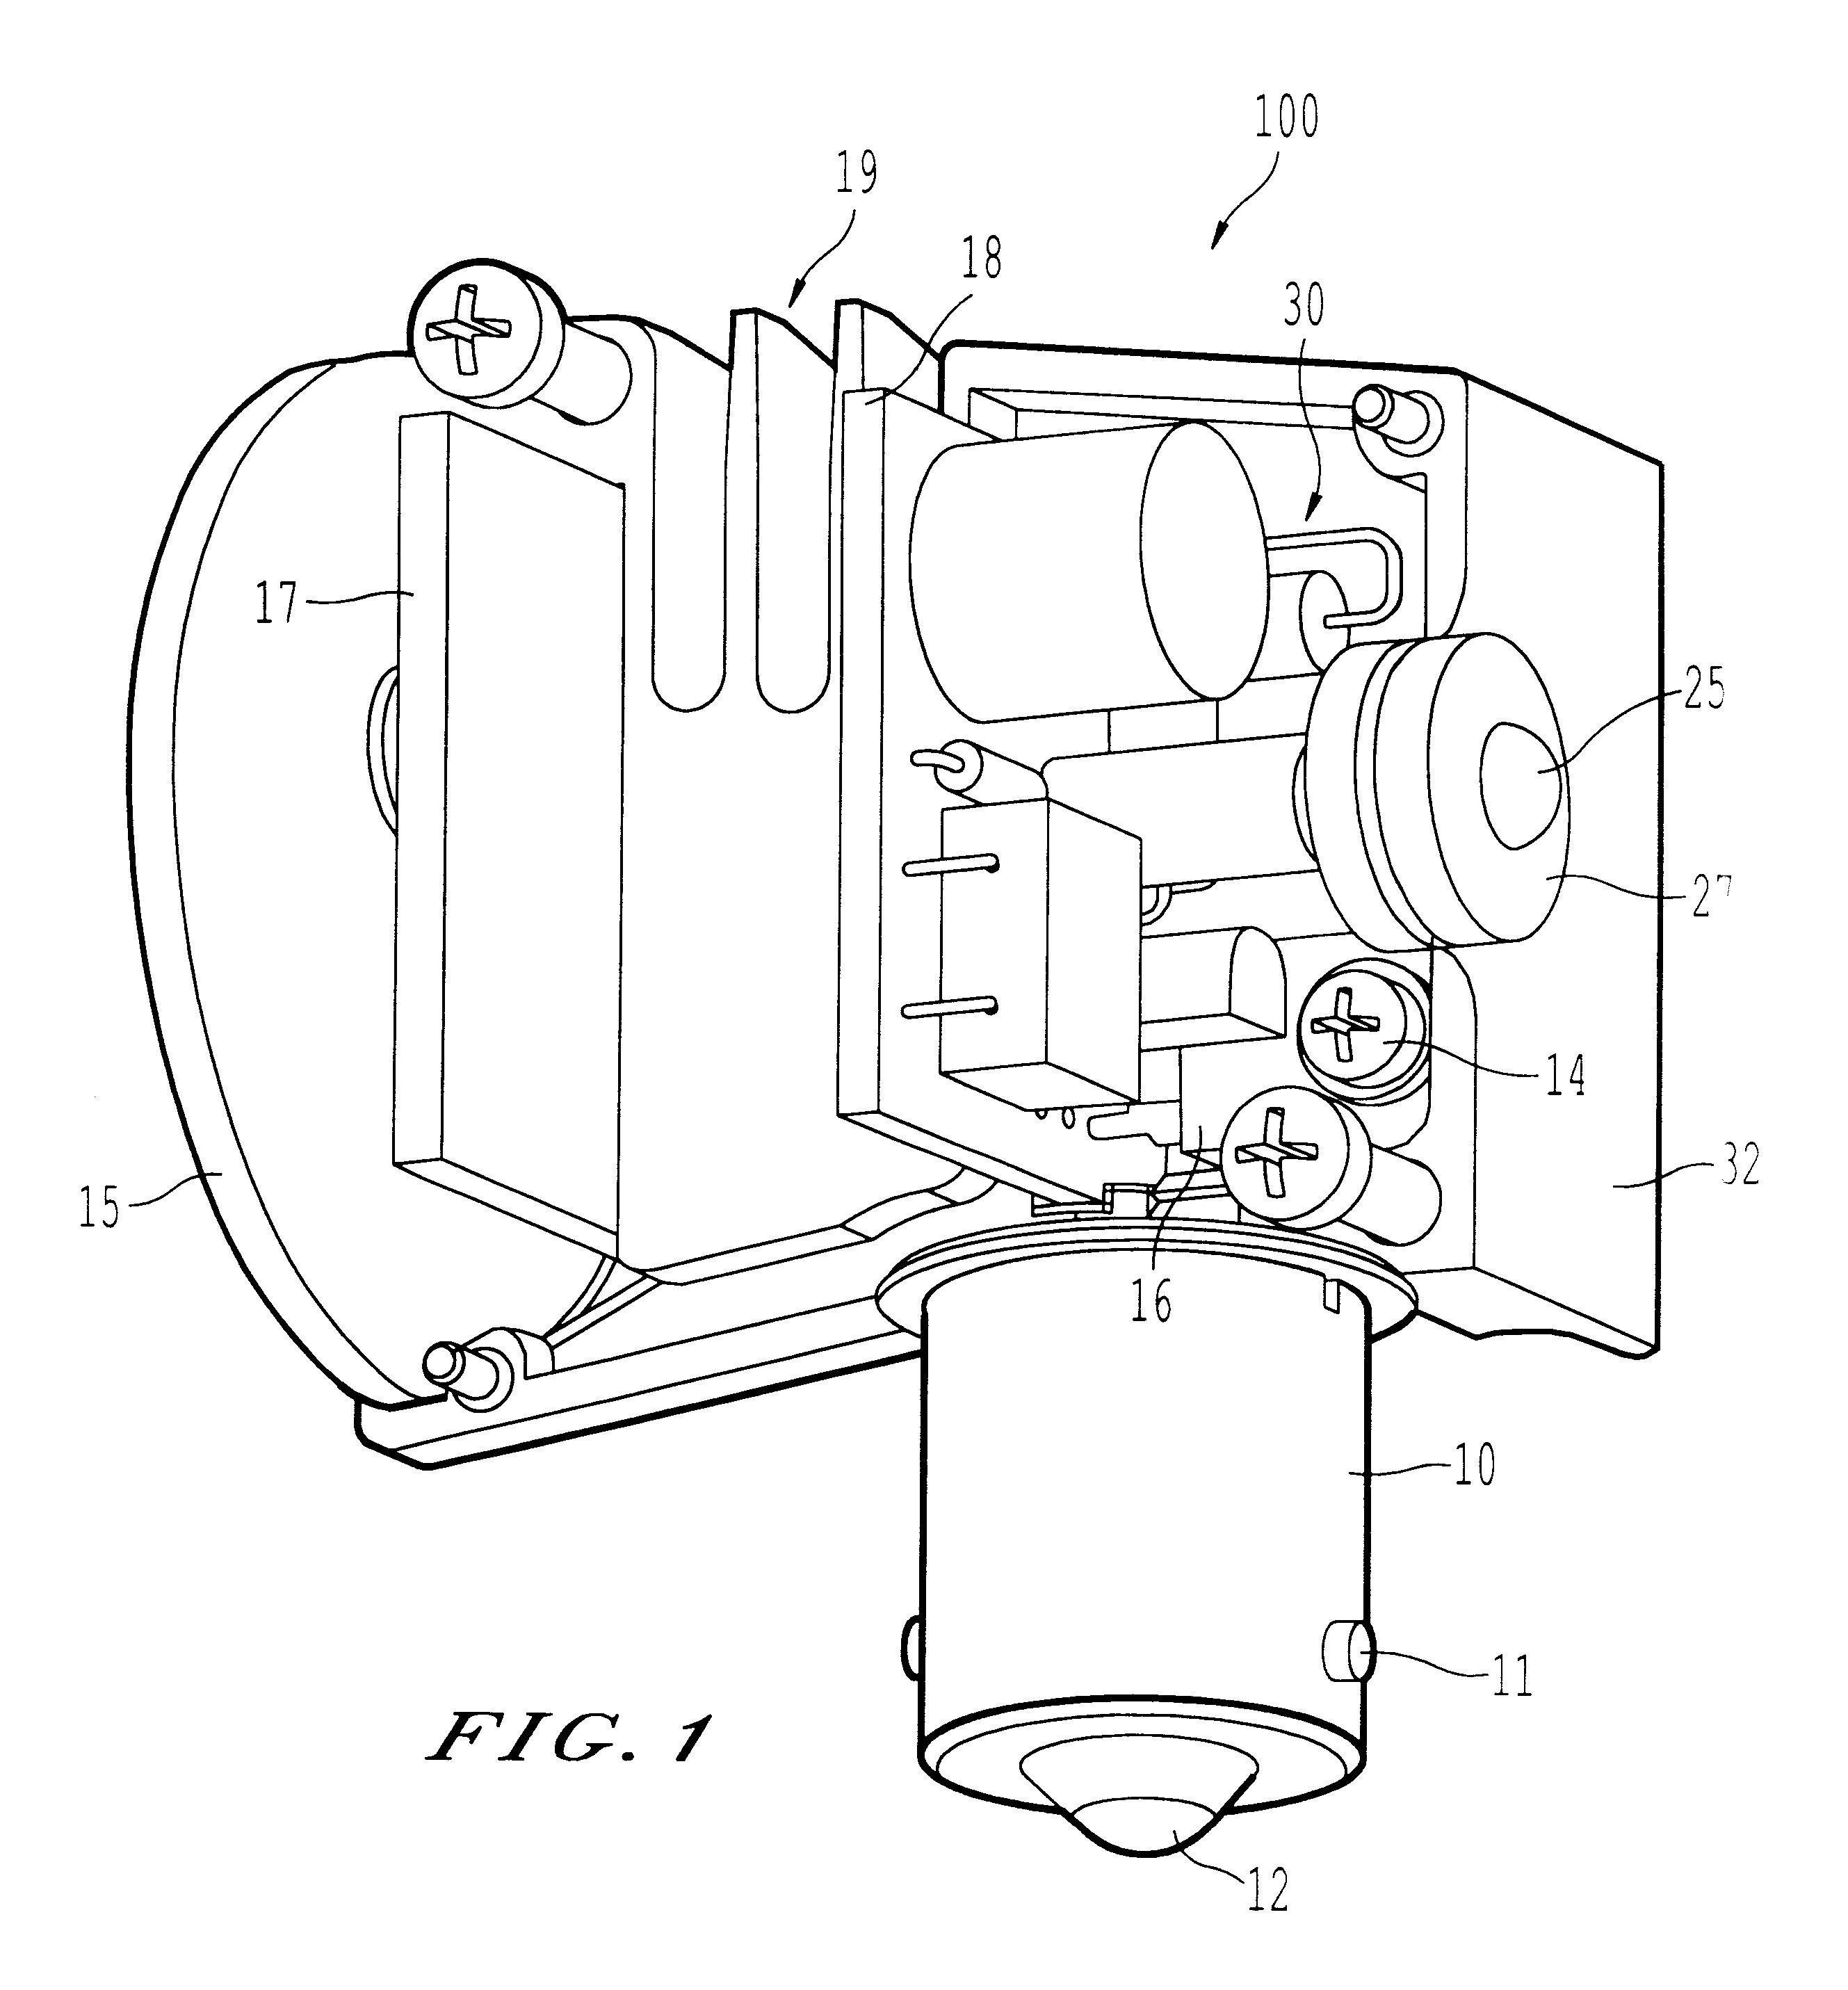 patent us6435459